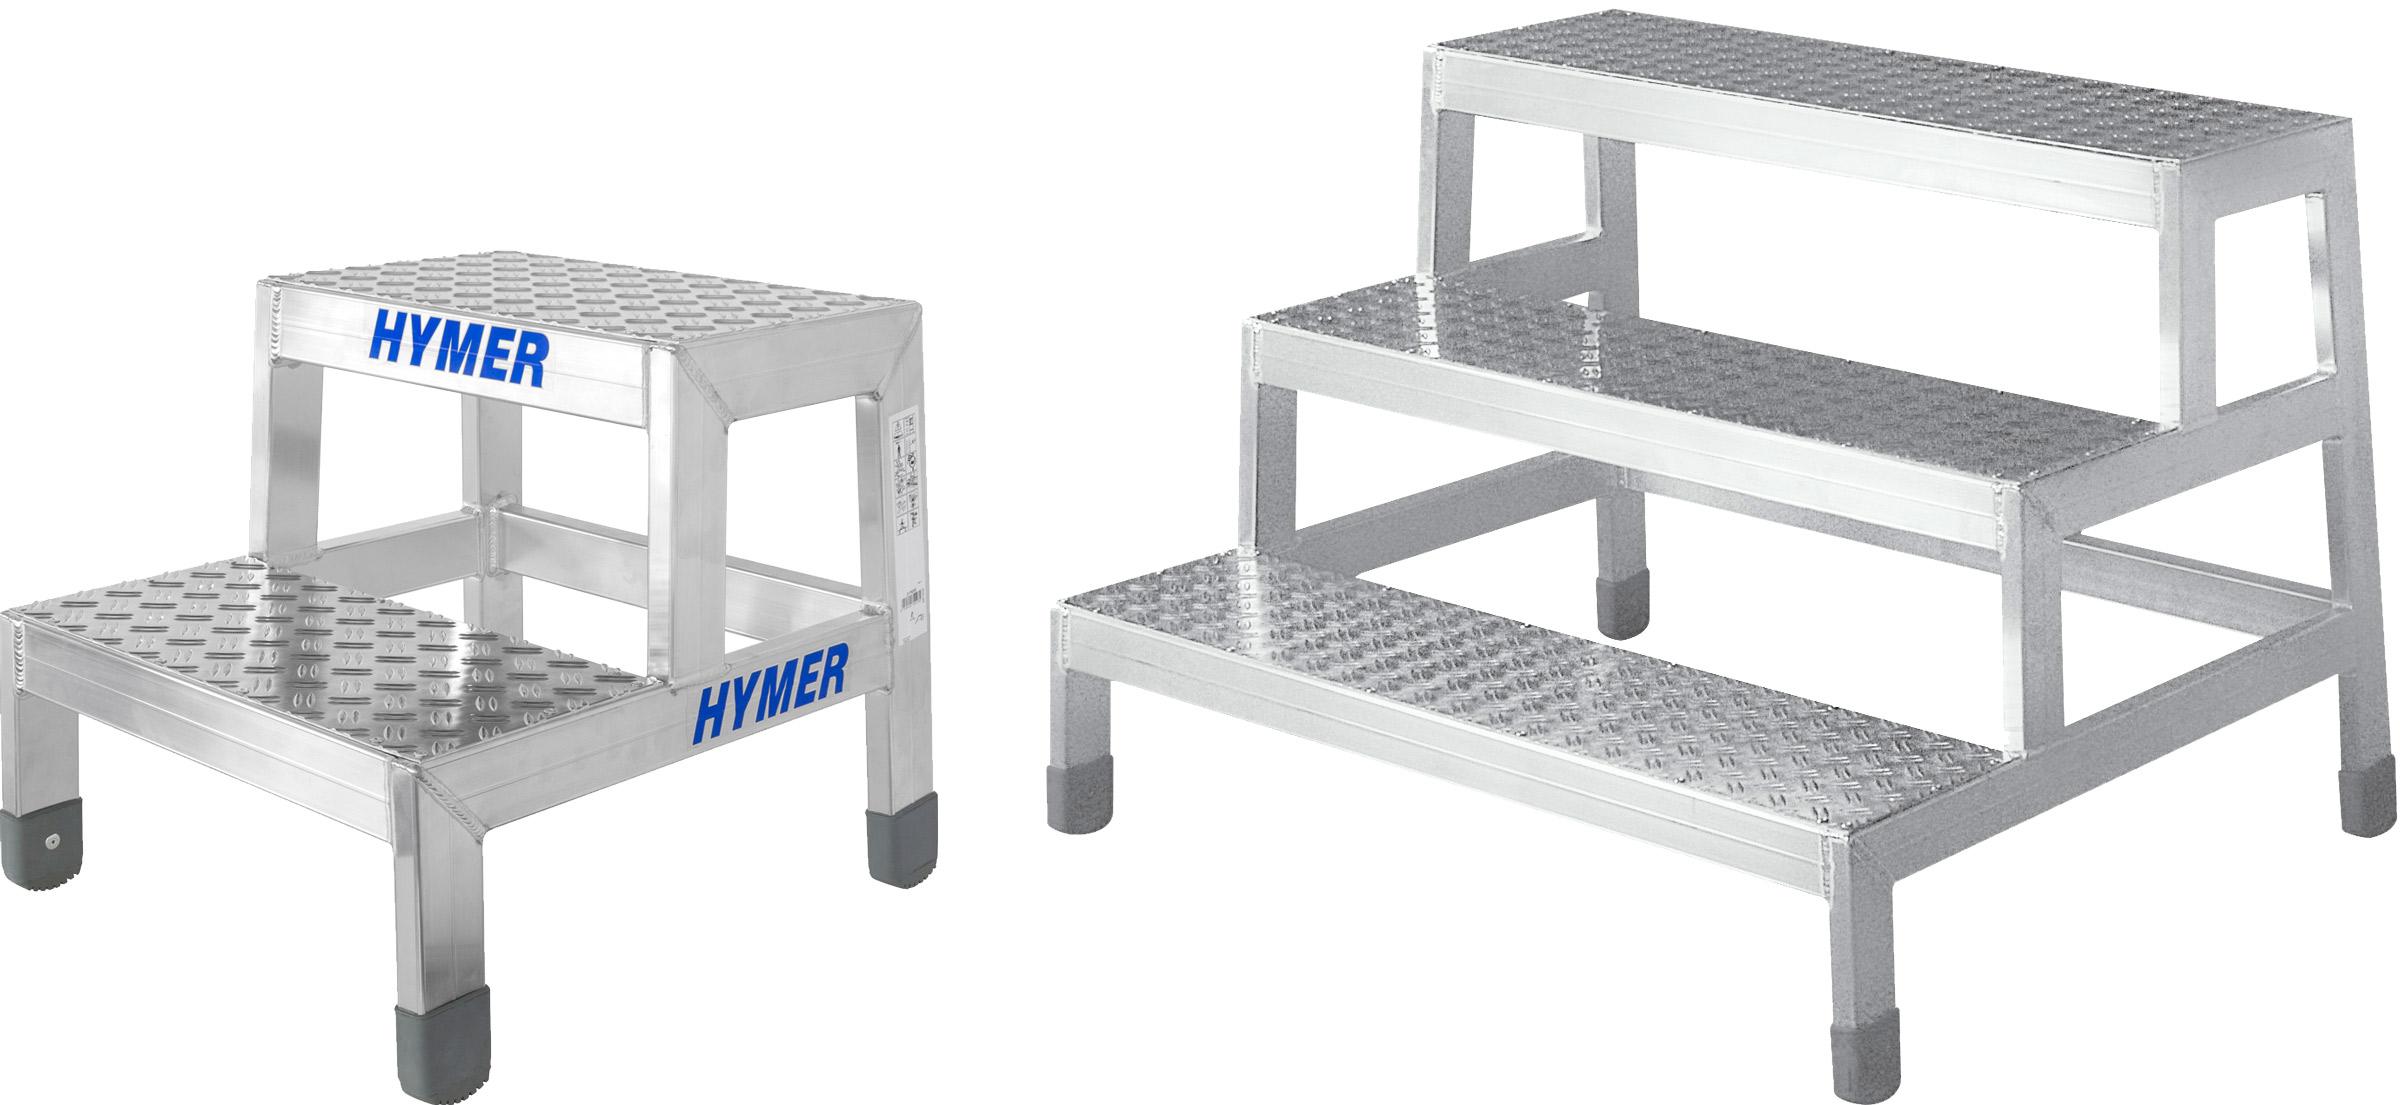 Hymer Alu-Tritt 1000